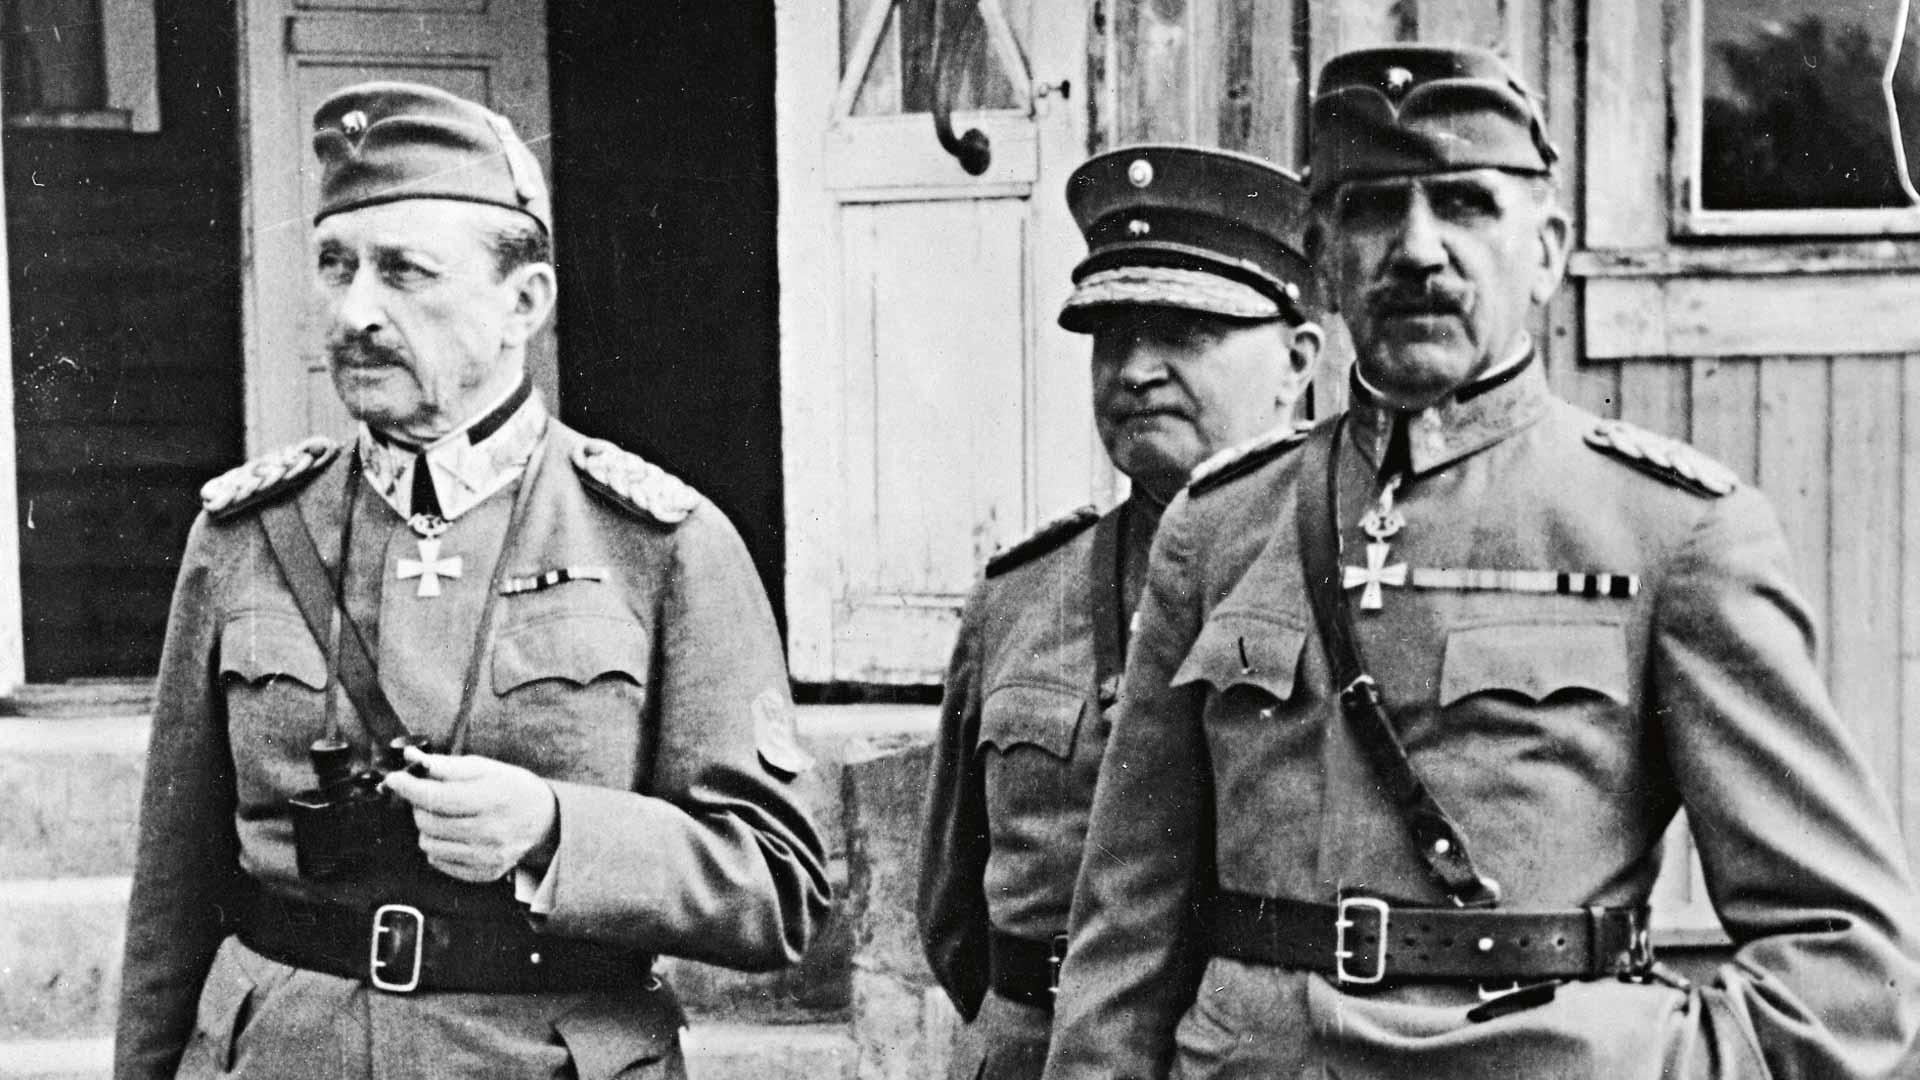 Puolustusvoimien päämaja oli Mikkelissä talvisodasta alkaen joulukuuhun 1944 asti. Ylipäällikkö Mannerheimin asuinpaikkakin oli venäläisten tiedossa.